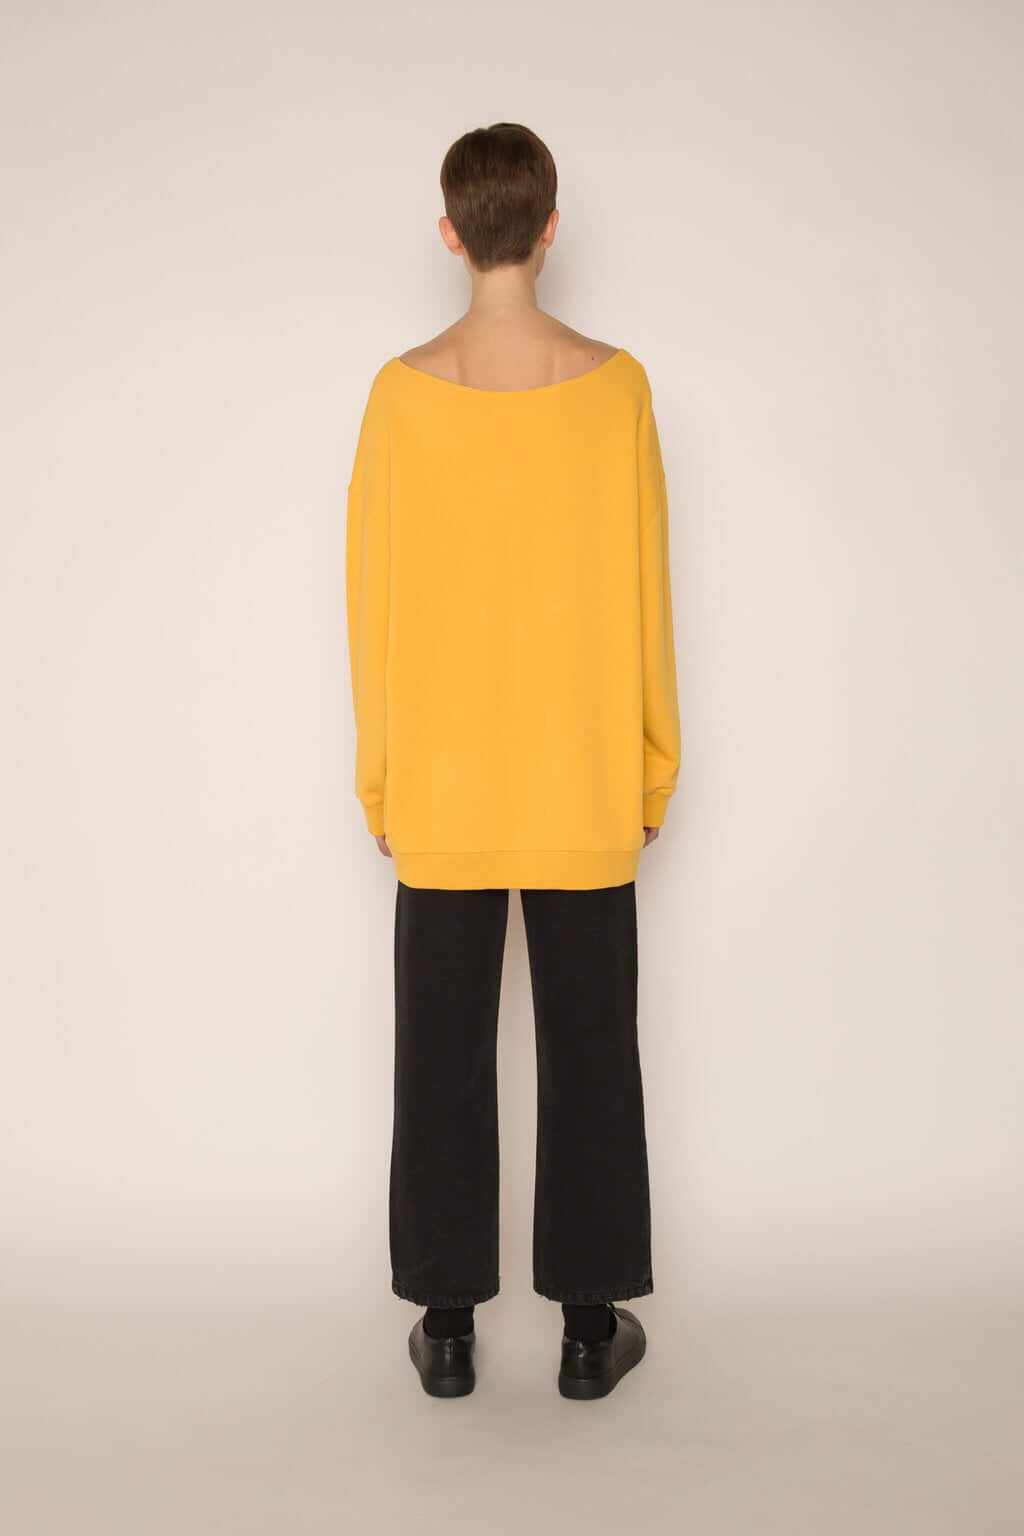 Sweatshirt 1950 Yellow 4